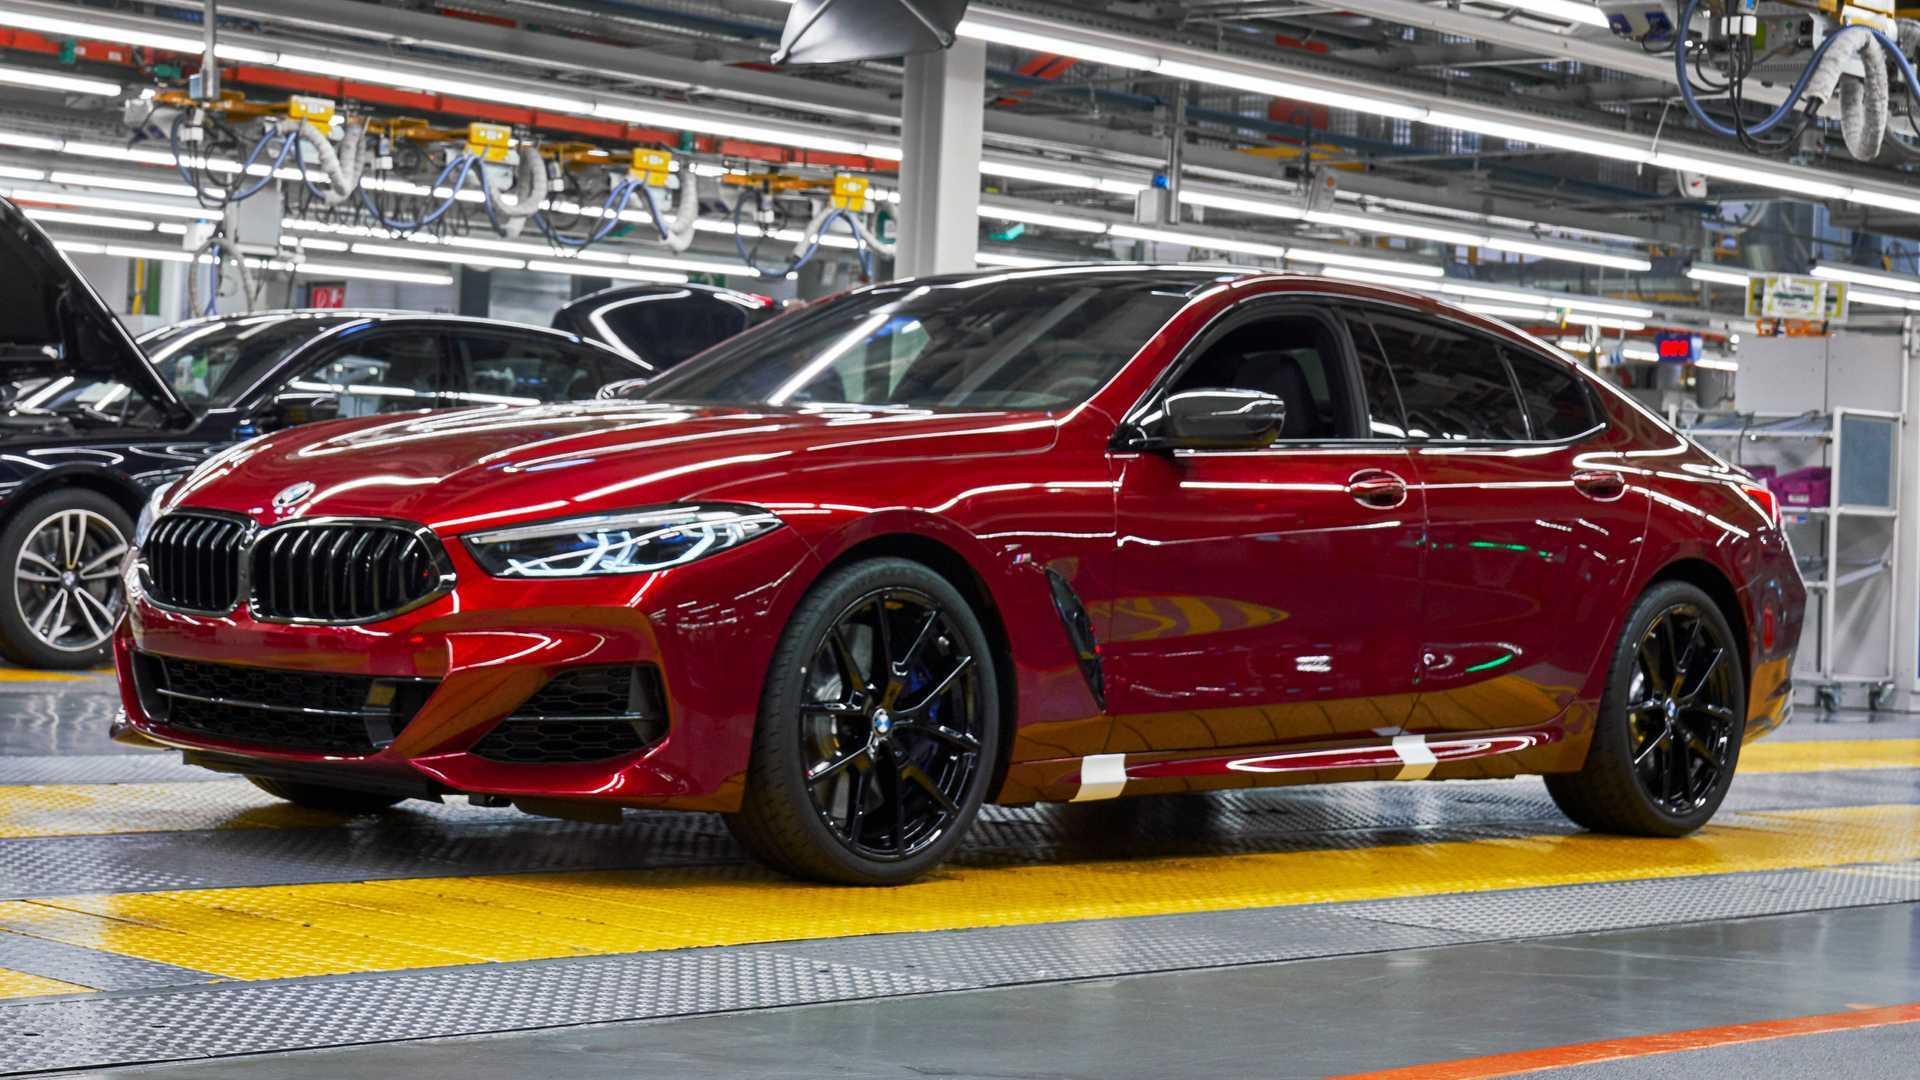 BMW veut doubler ses ventes de véhicules luxueux